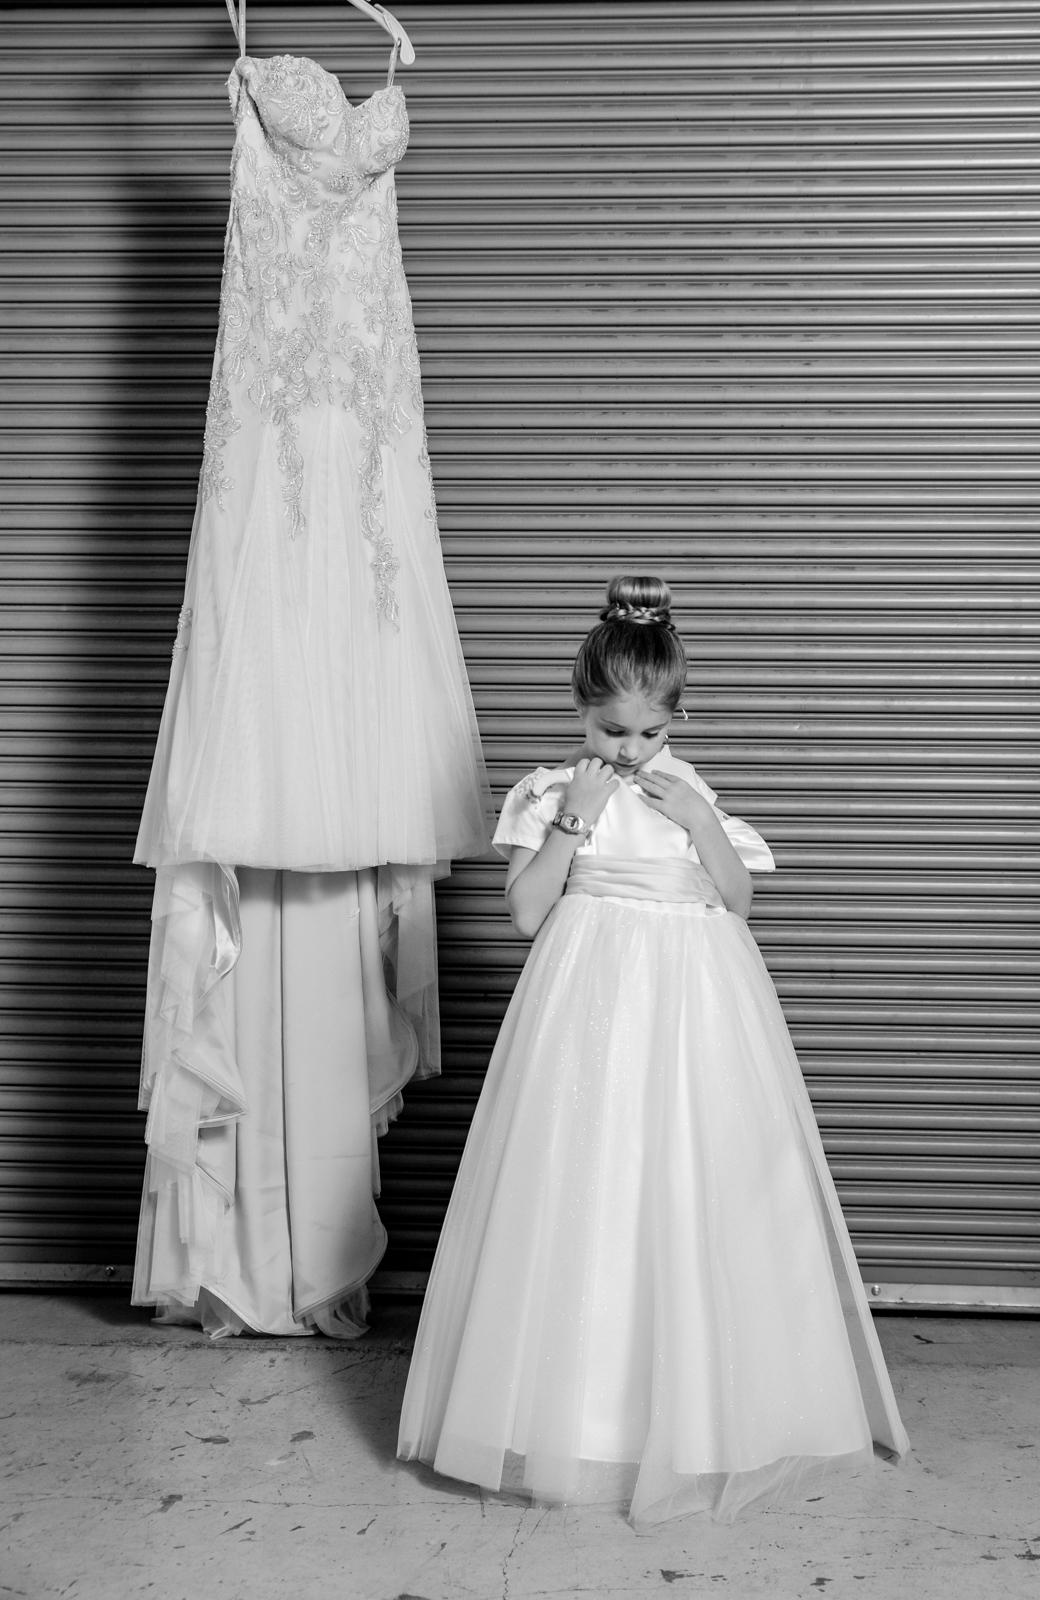 Stephanie Ray Wedding PhotographyDSC_7106.jpg